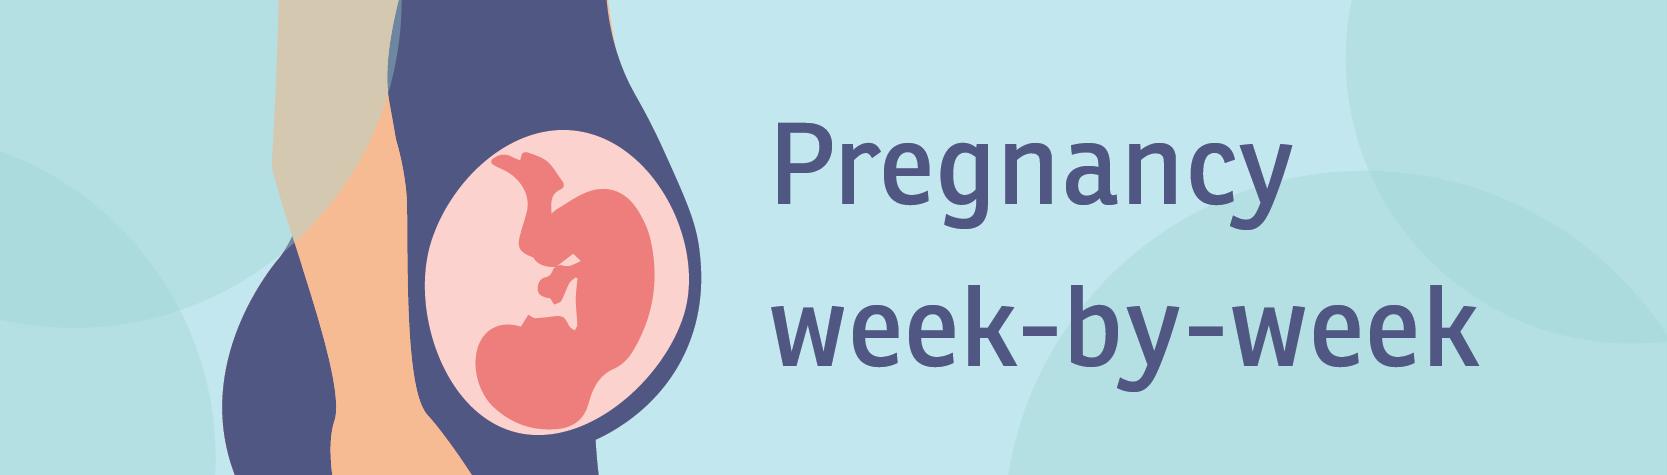 Pregnancy week-by-week